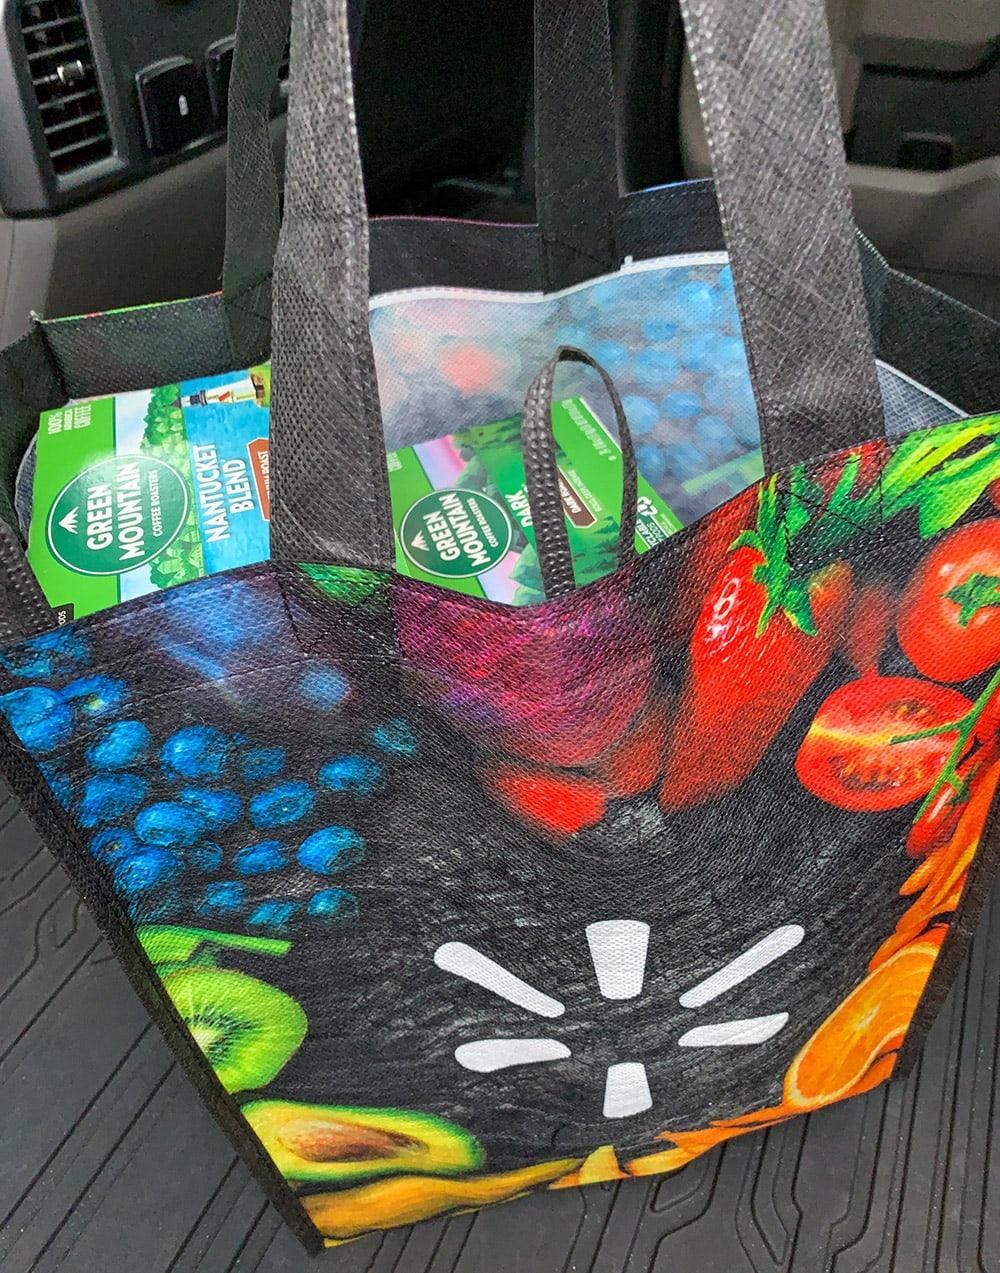 Walmart bag in truck